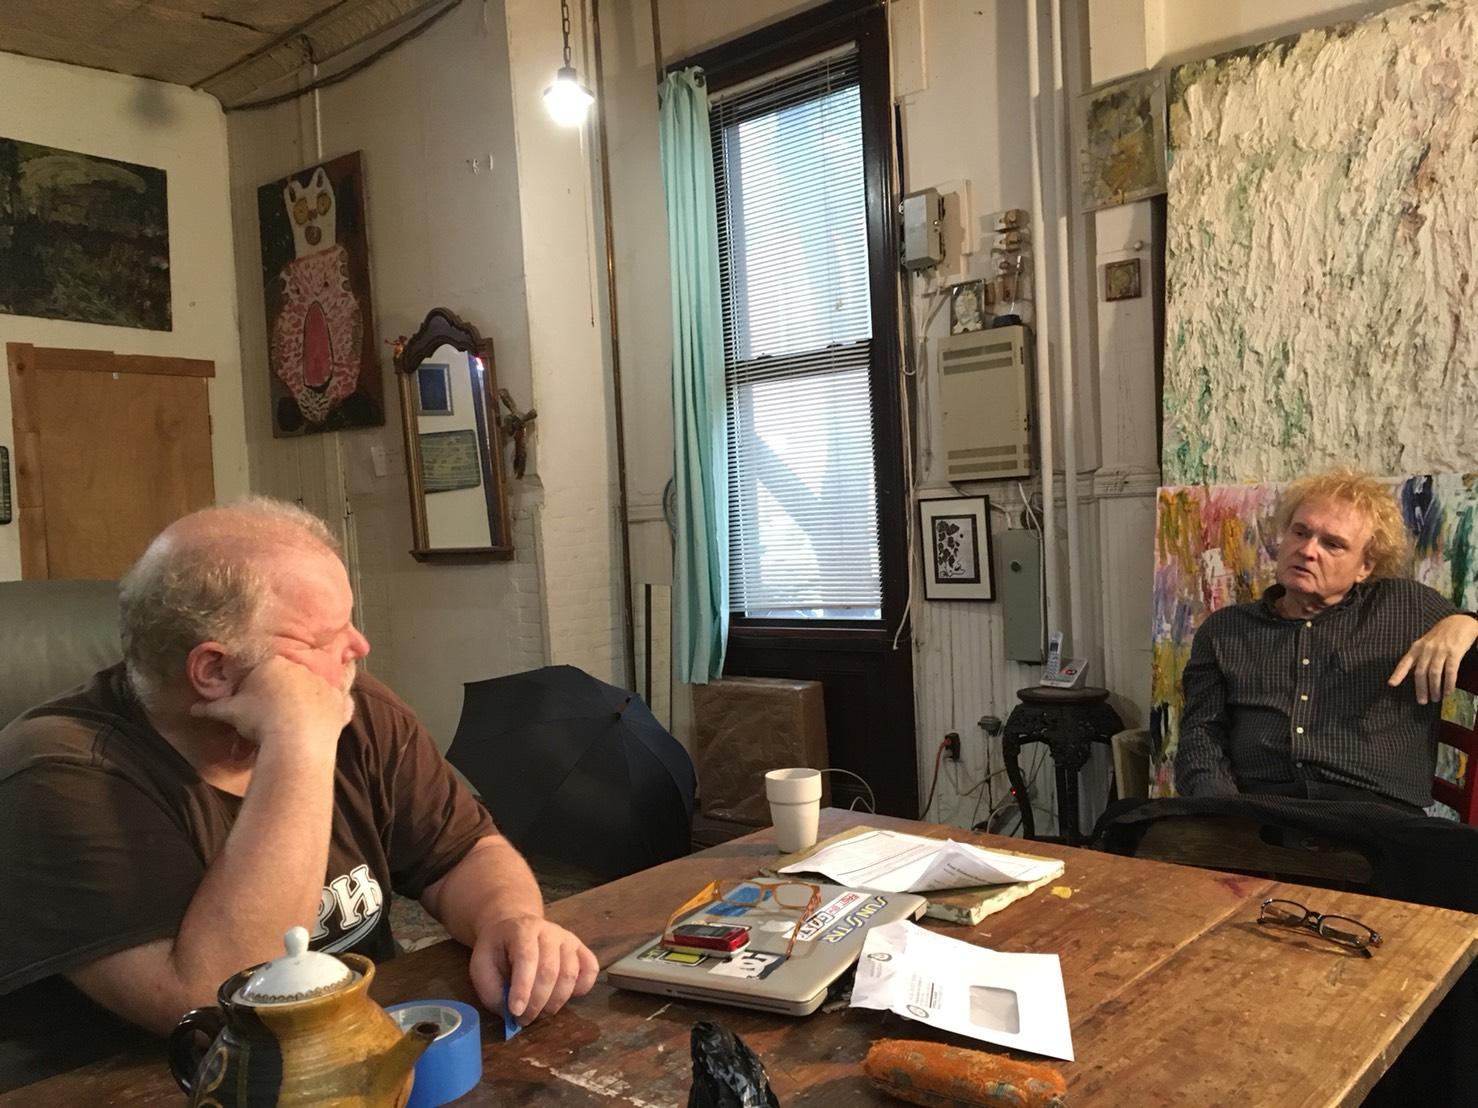 紀錄片導演比爾‧佩奇為羅迪尼‧狄克森製作的紀錄片即將放映  Director Bill Page filmed a documentary film for Rodney Dickson